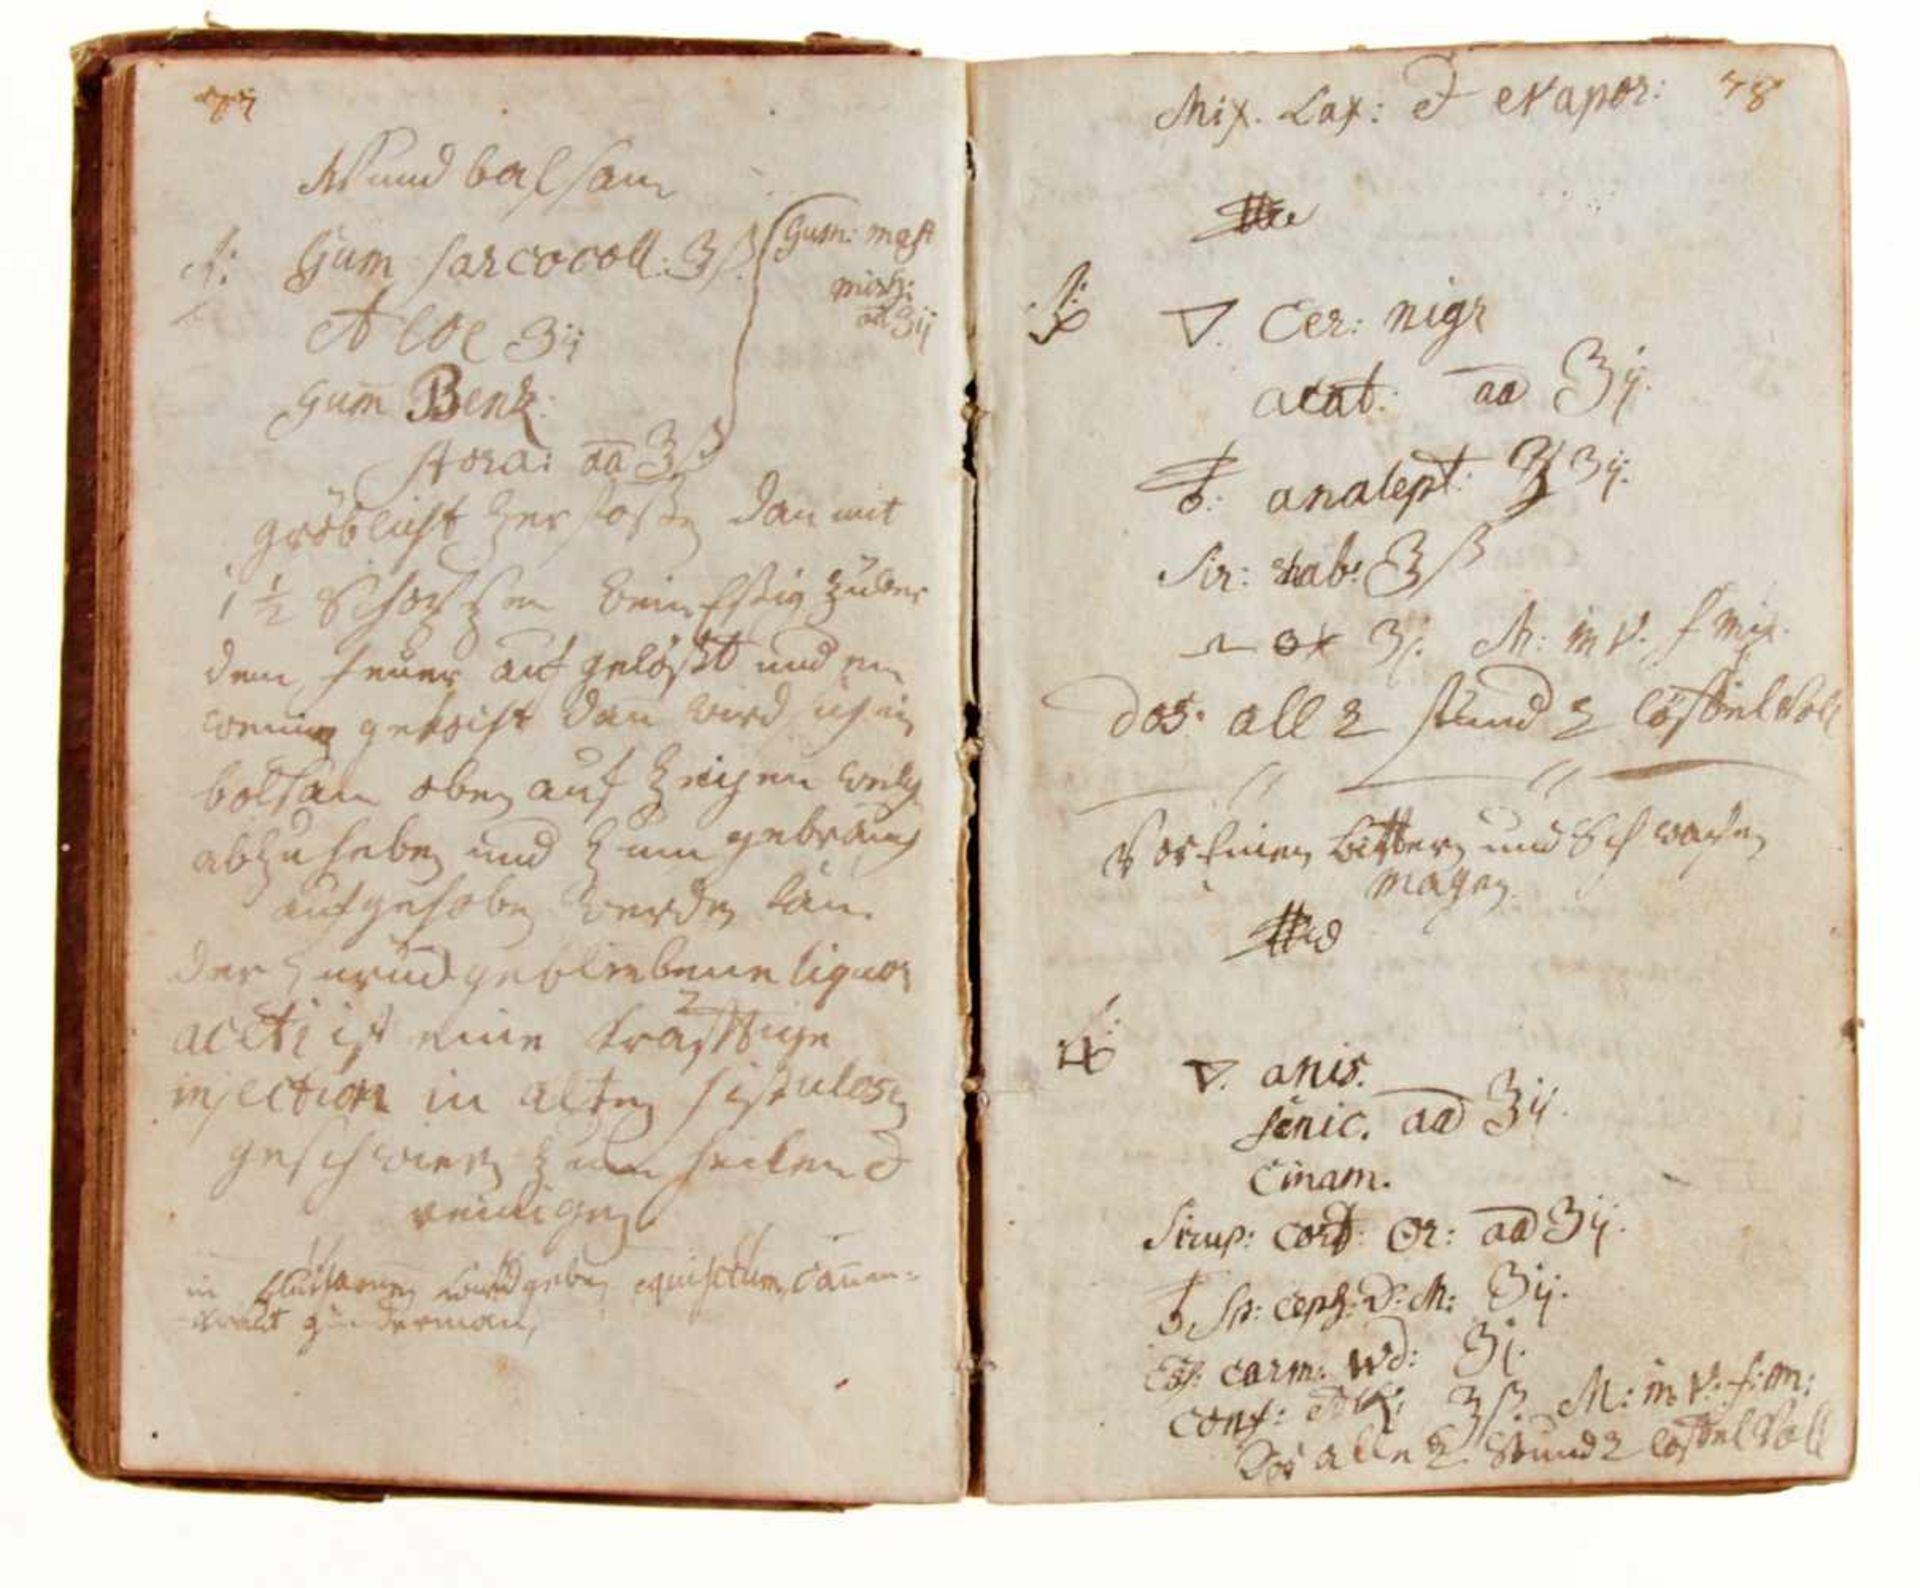 """""""Artzney Büchlein vor J. Matheus Friderich Knaus"""".Deutsche Handschrift auf Papier. Dat. - Bild 3 aus 4"""